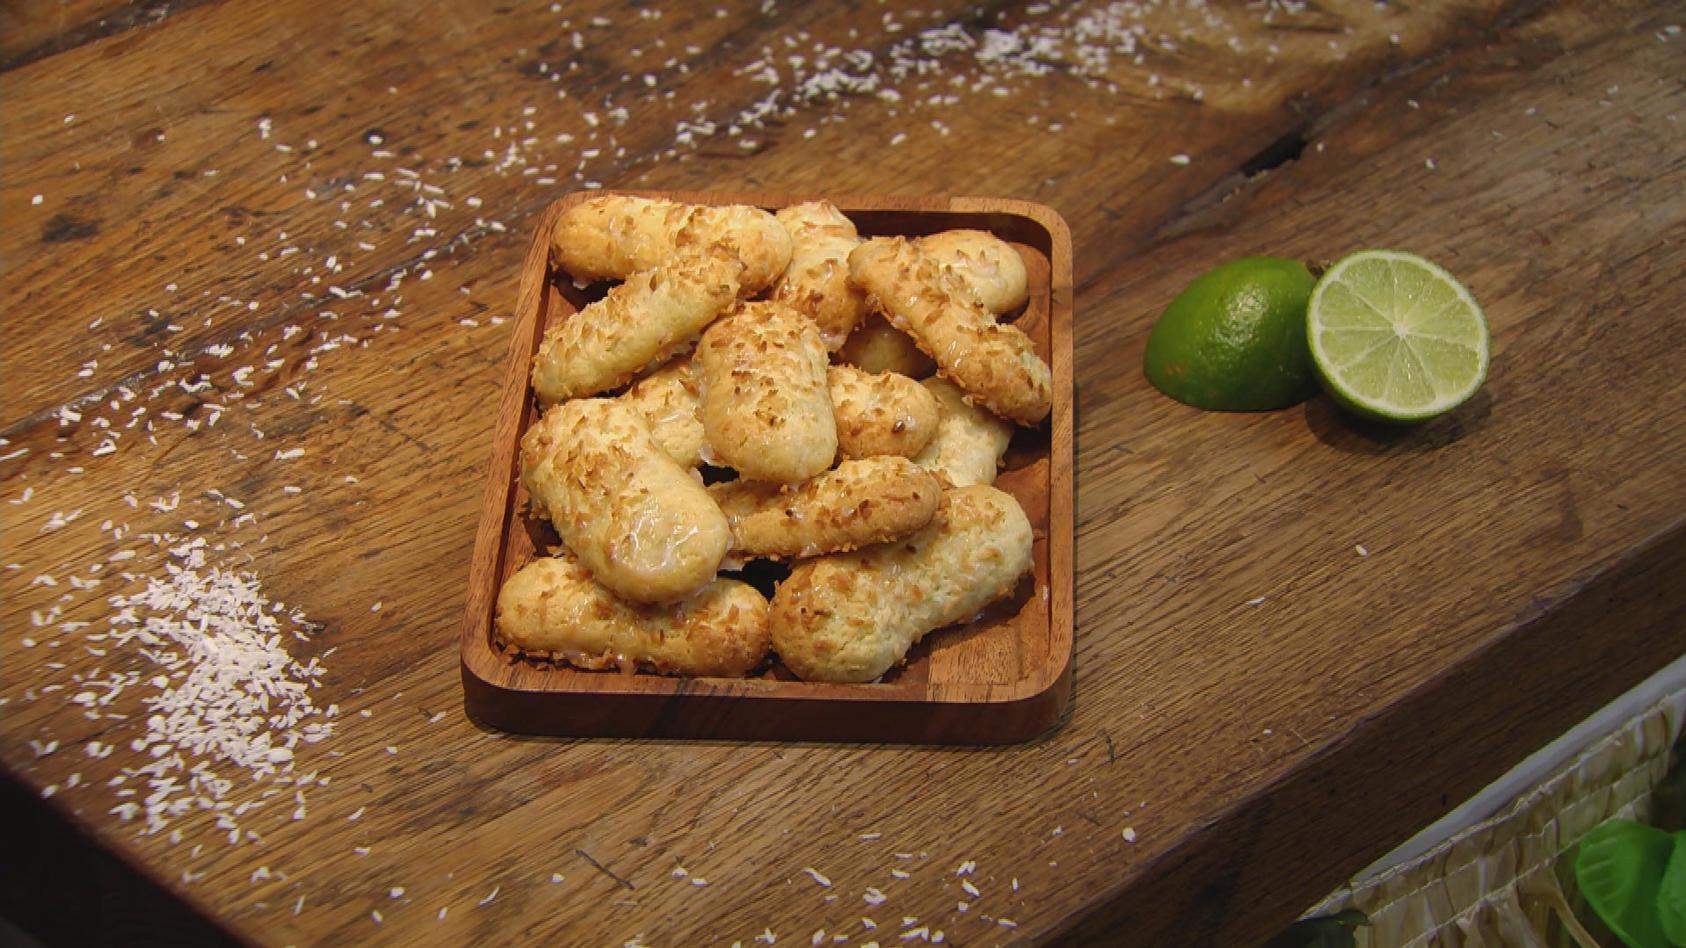 Ab in den Urlaub! Kulinarische Grüße aus der Karibik: Limetten-Kokos-Stangen